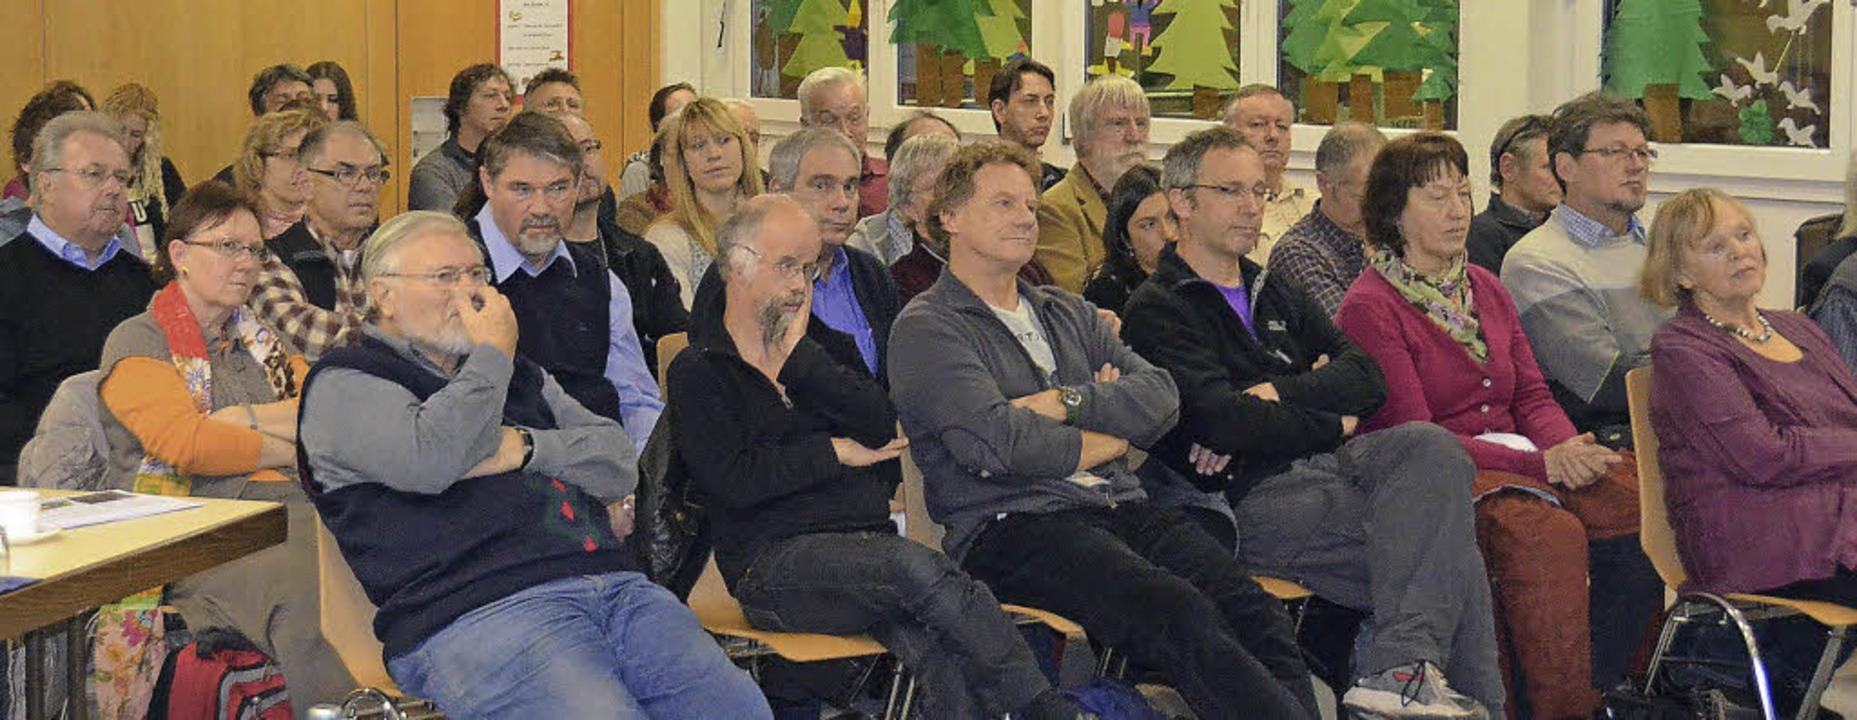 Etwa 50 Bürger verfolgten gespannt die...g zum Thema Nachhaltigkeitsgutachten.   | Foto: Ralf H. Dorweiler